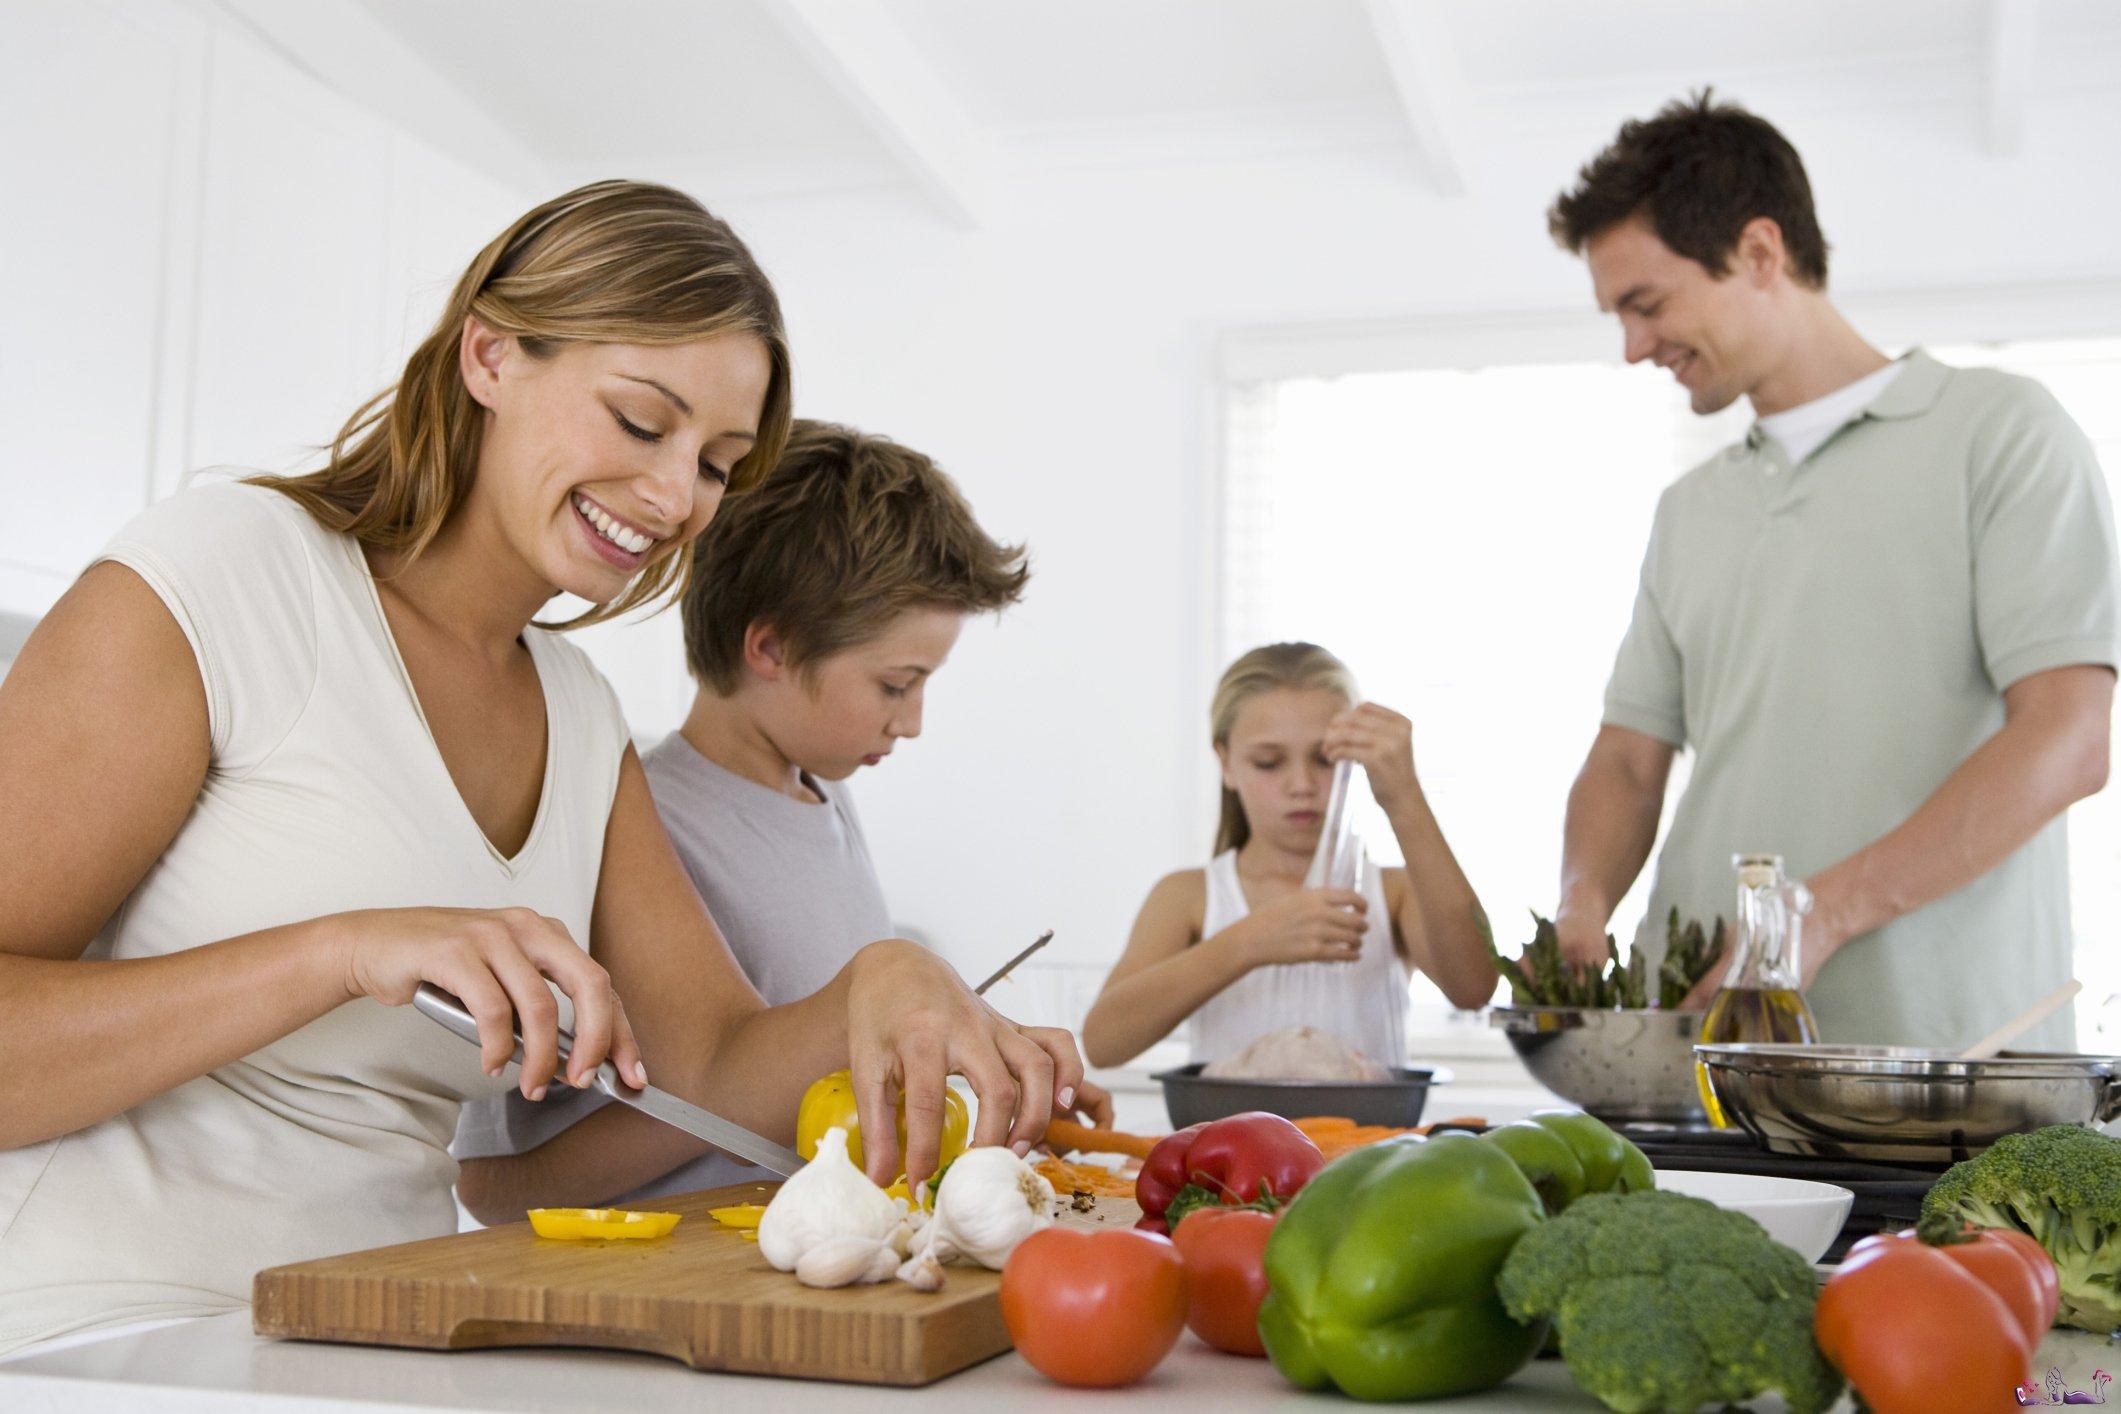 О выборе правильного питания. Советы специалиста